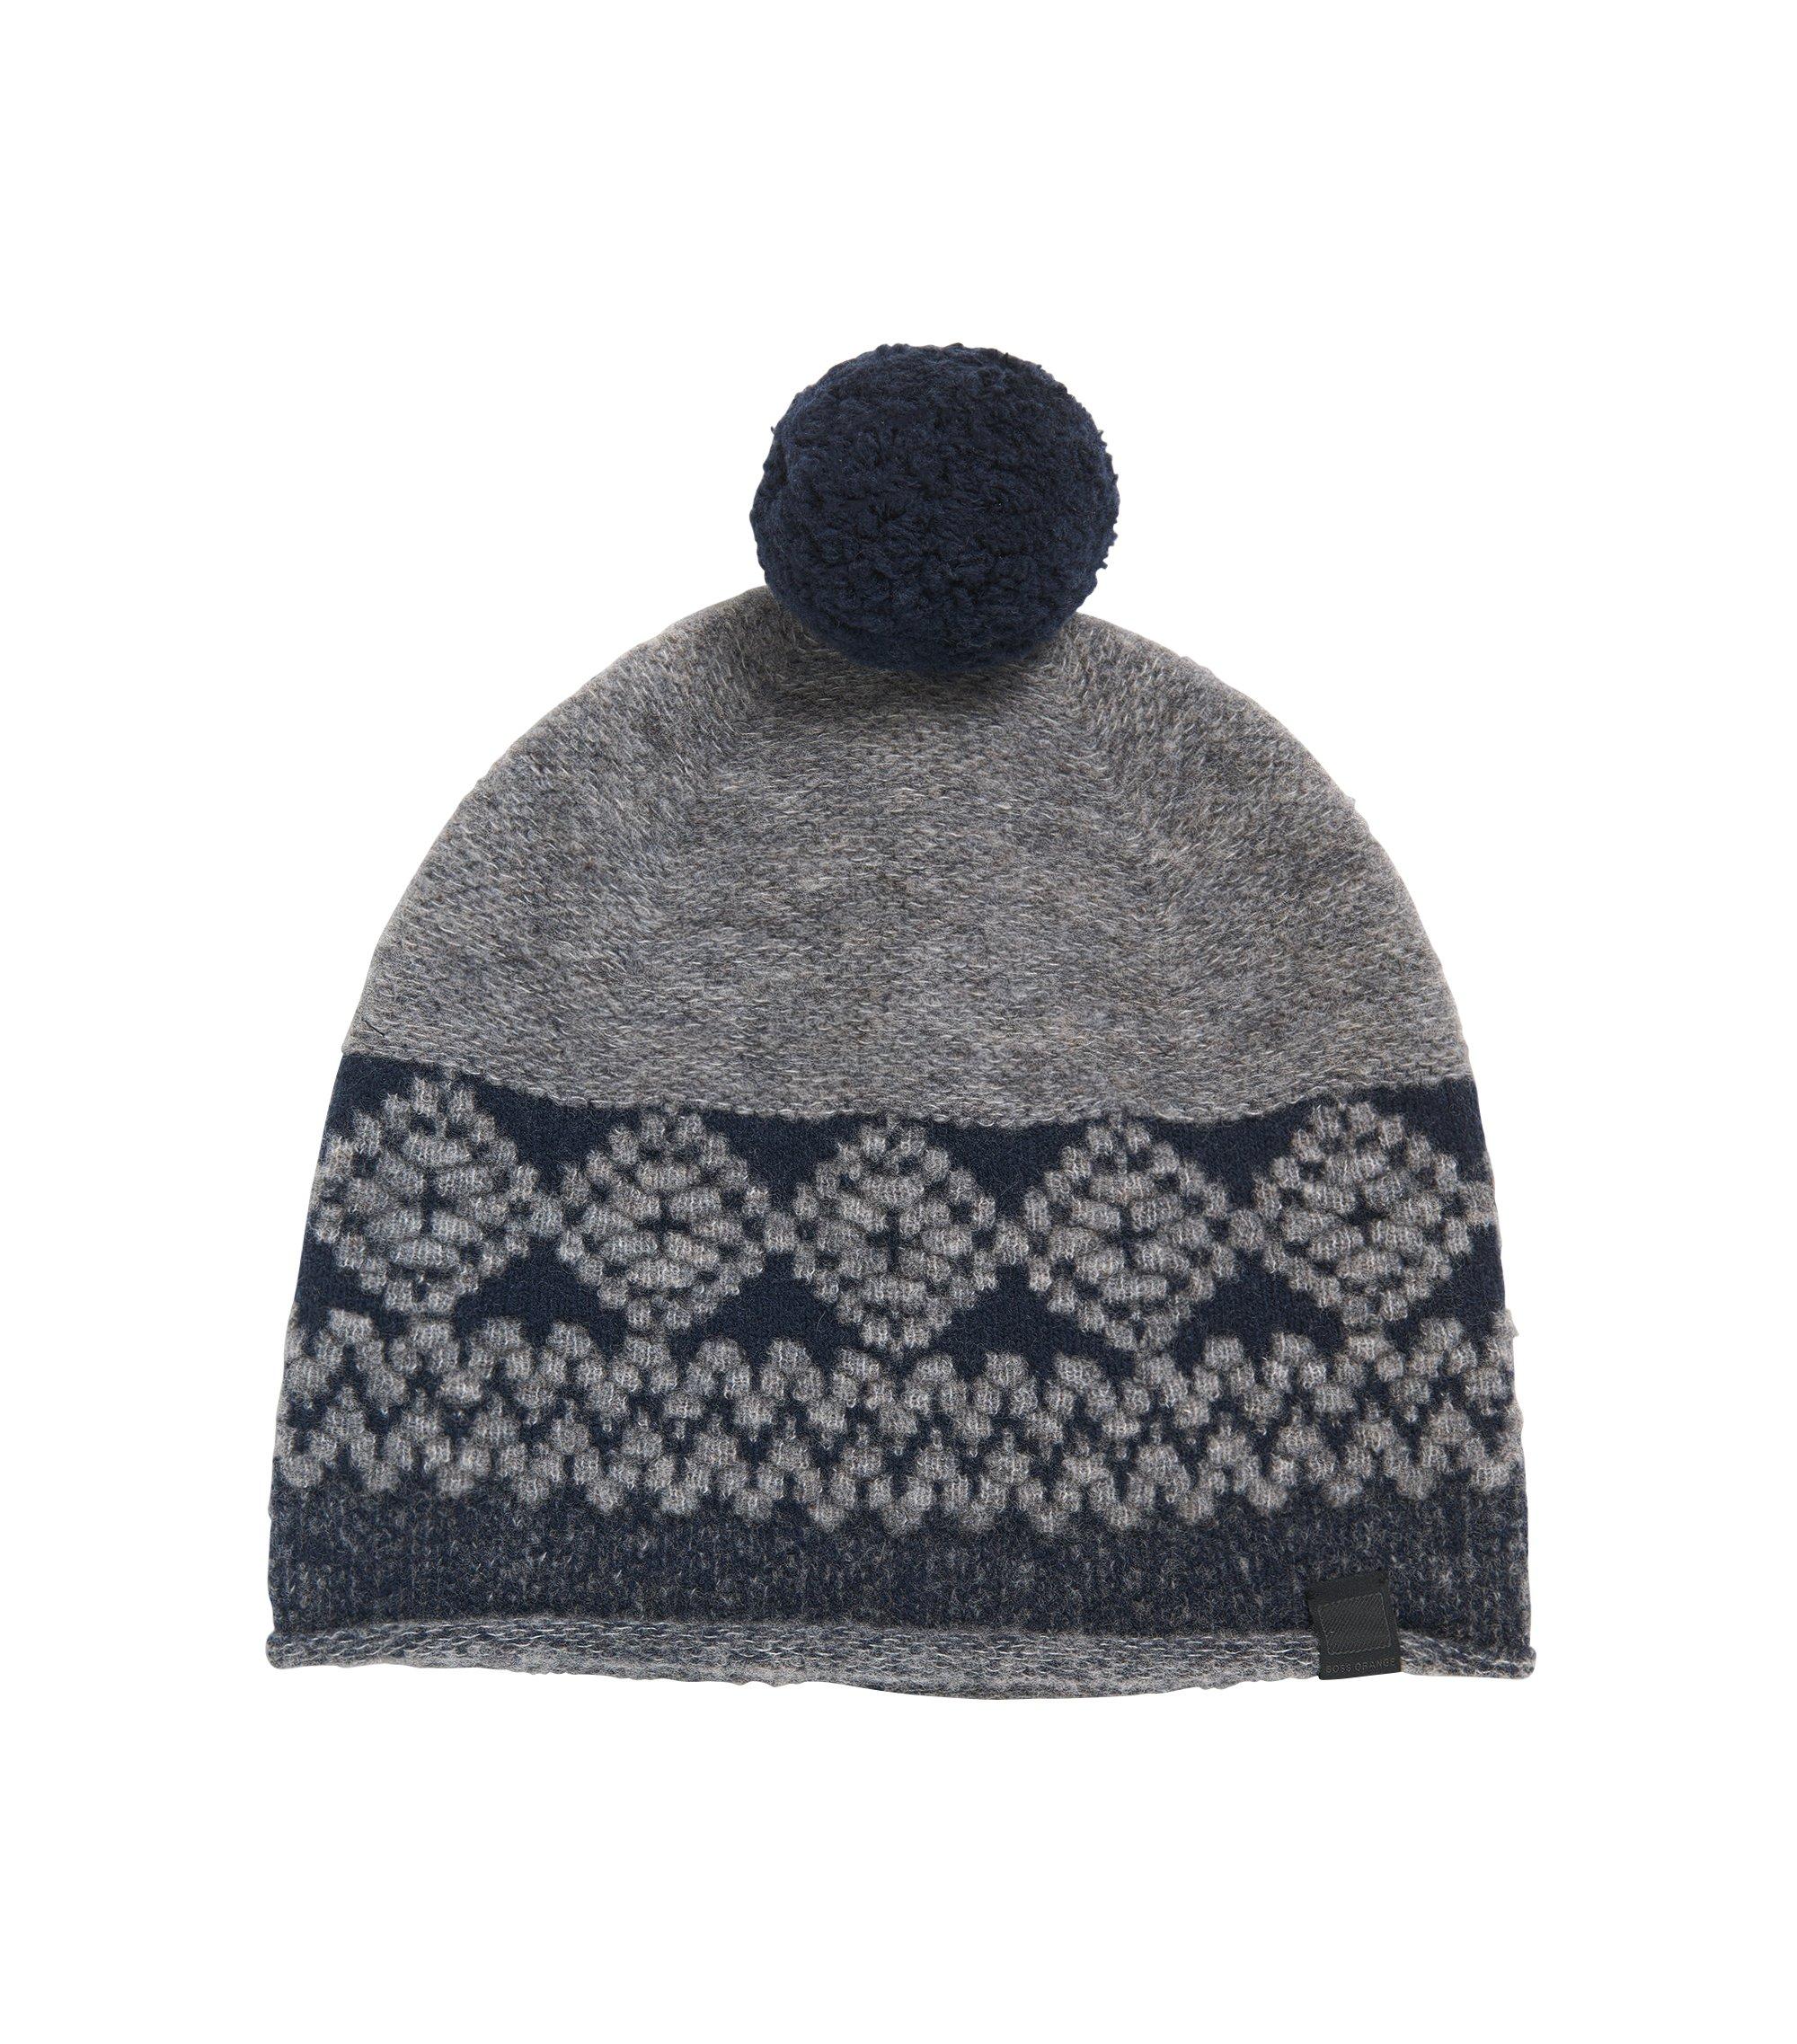 Bommelmütze aus Schurwoll-Mix mit Wolle , Grau